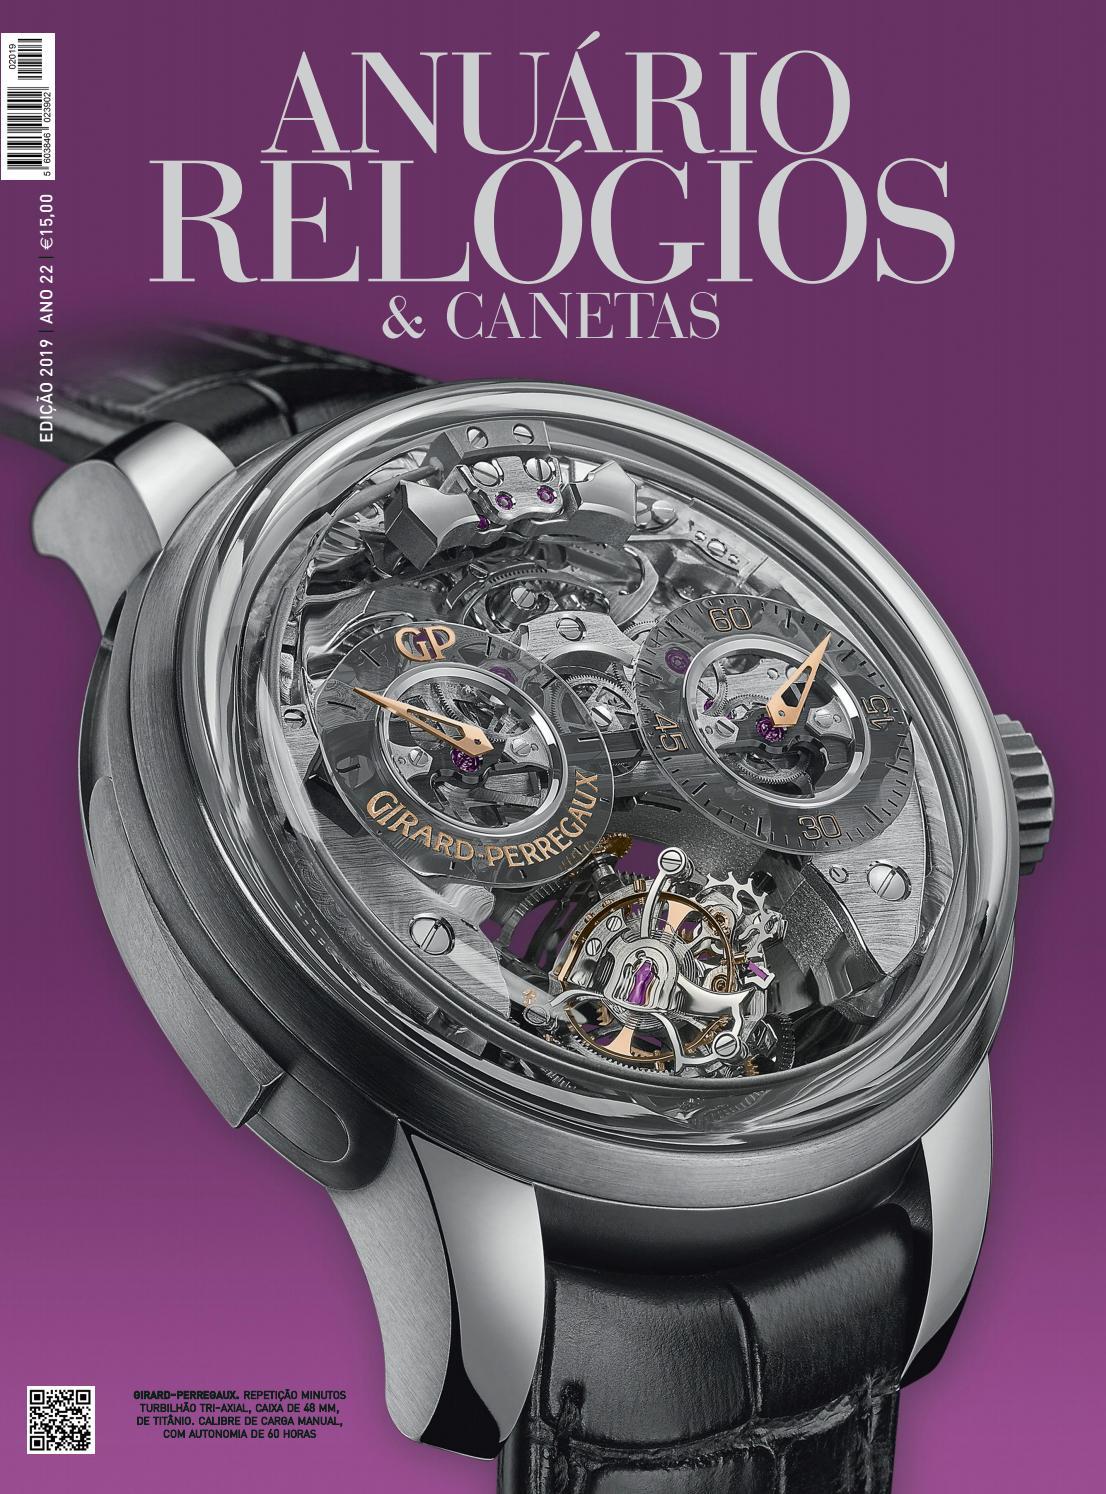 3a812868f74 Anuário Relógios   Canetas - 2019 (versão digital da revista em papel) by  Anuário Relógios   Canetas - issuu